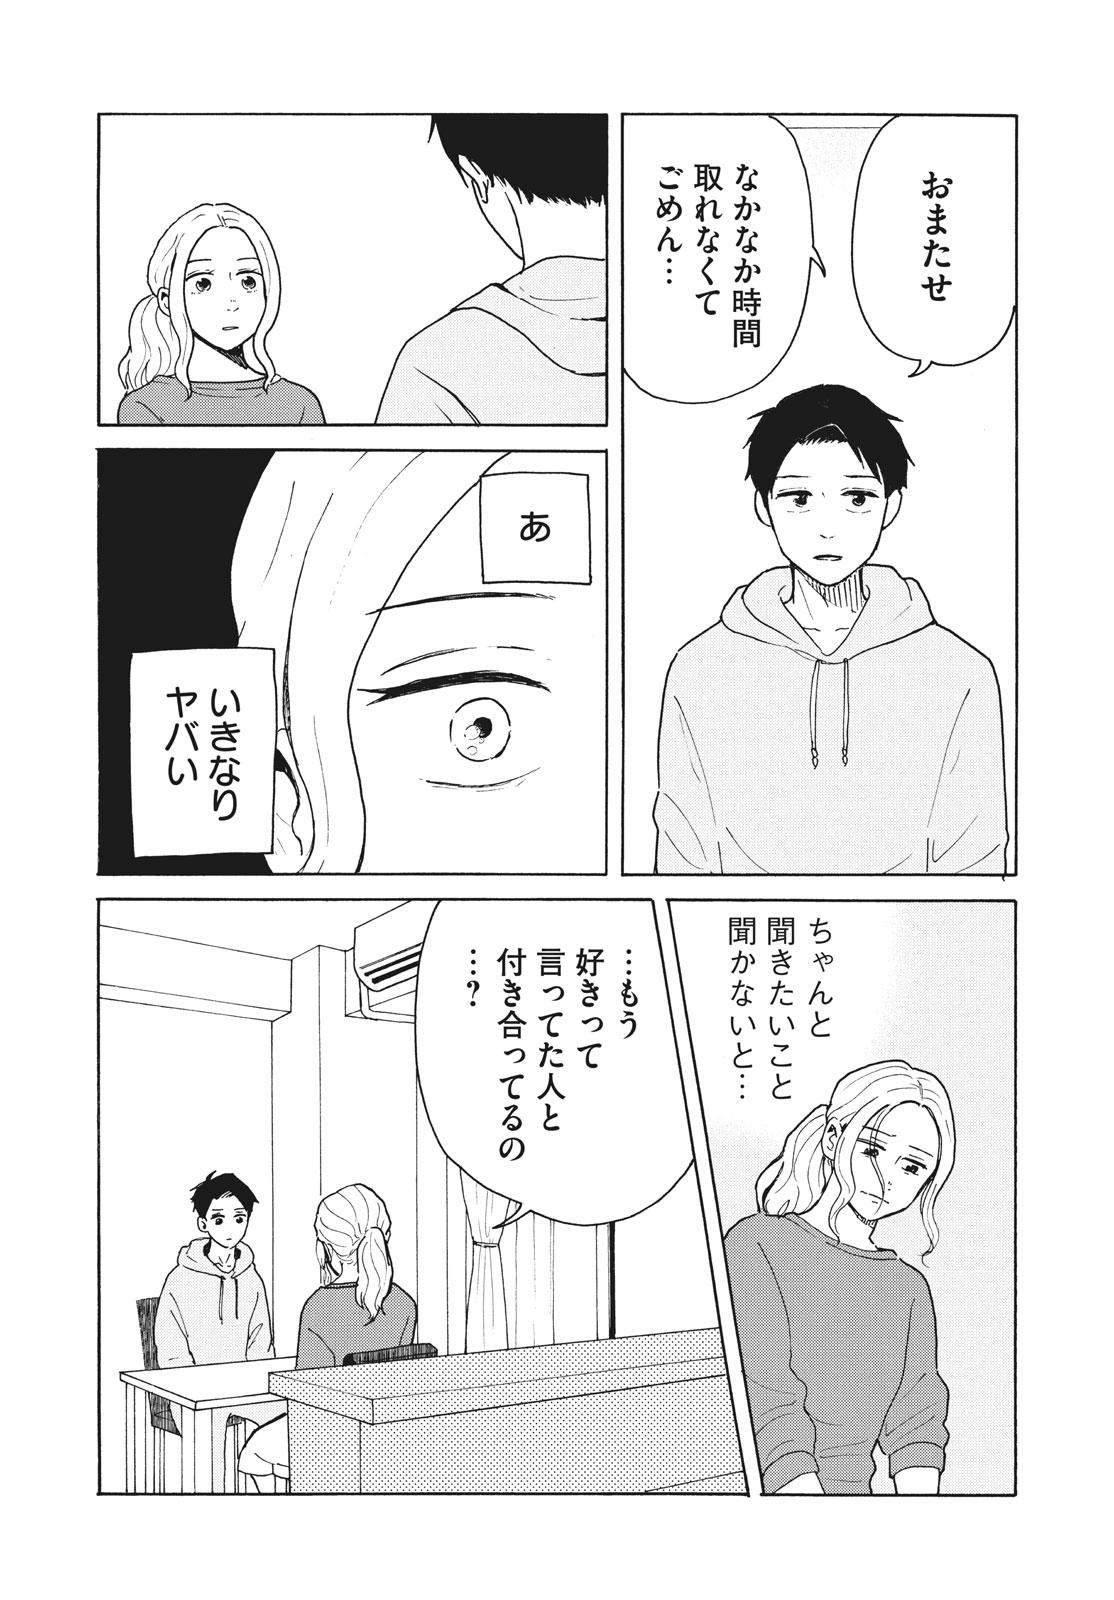 004_30譌・_2020_009_E.jpg